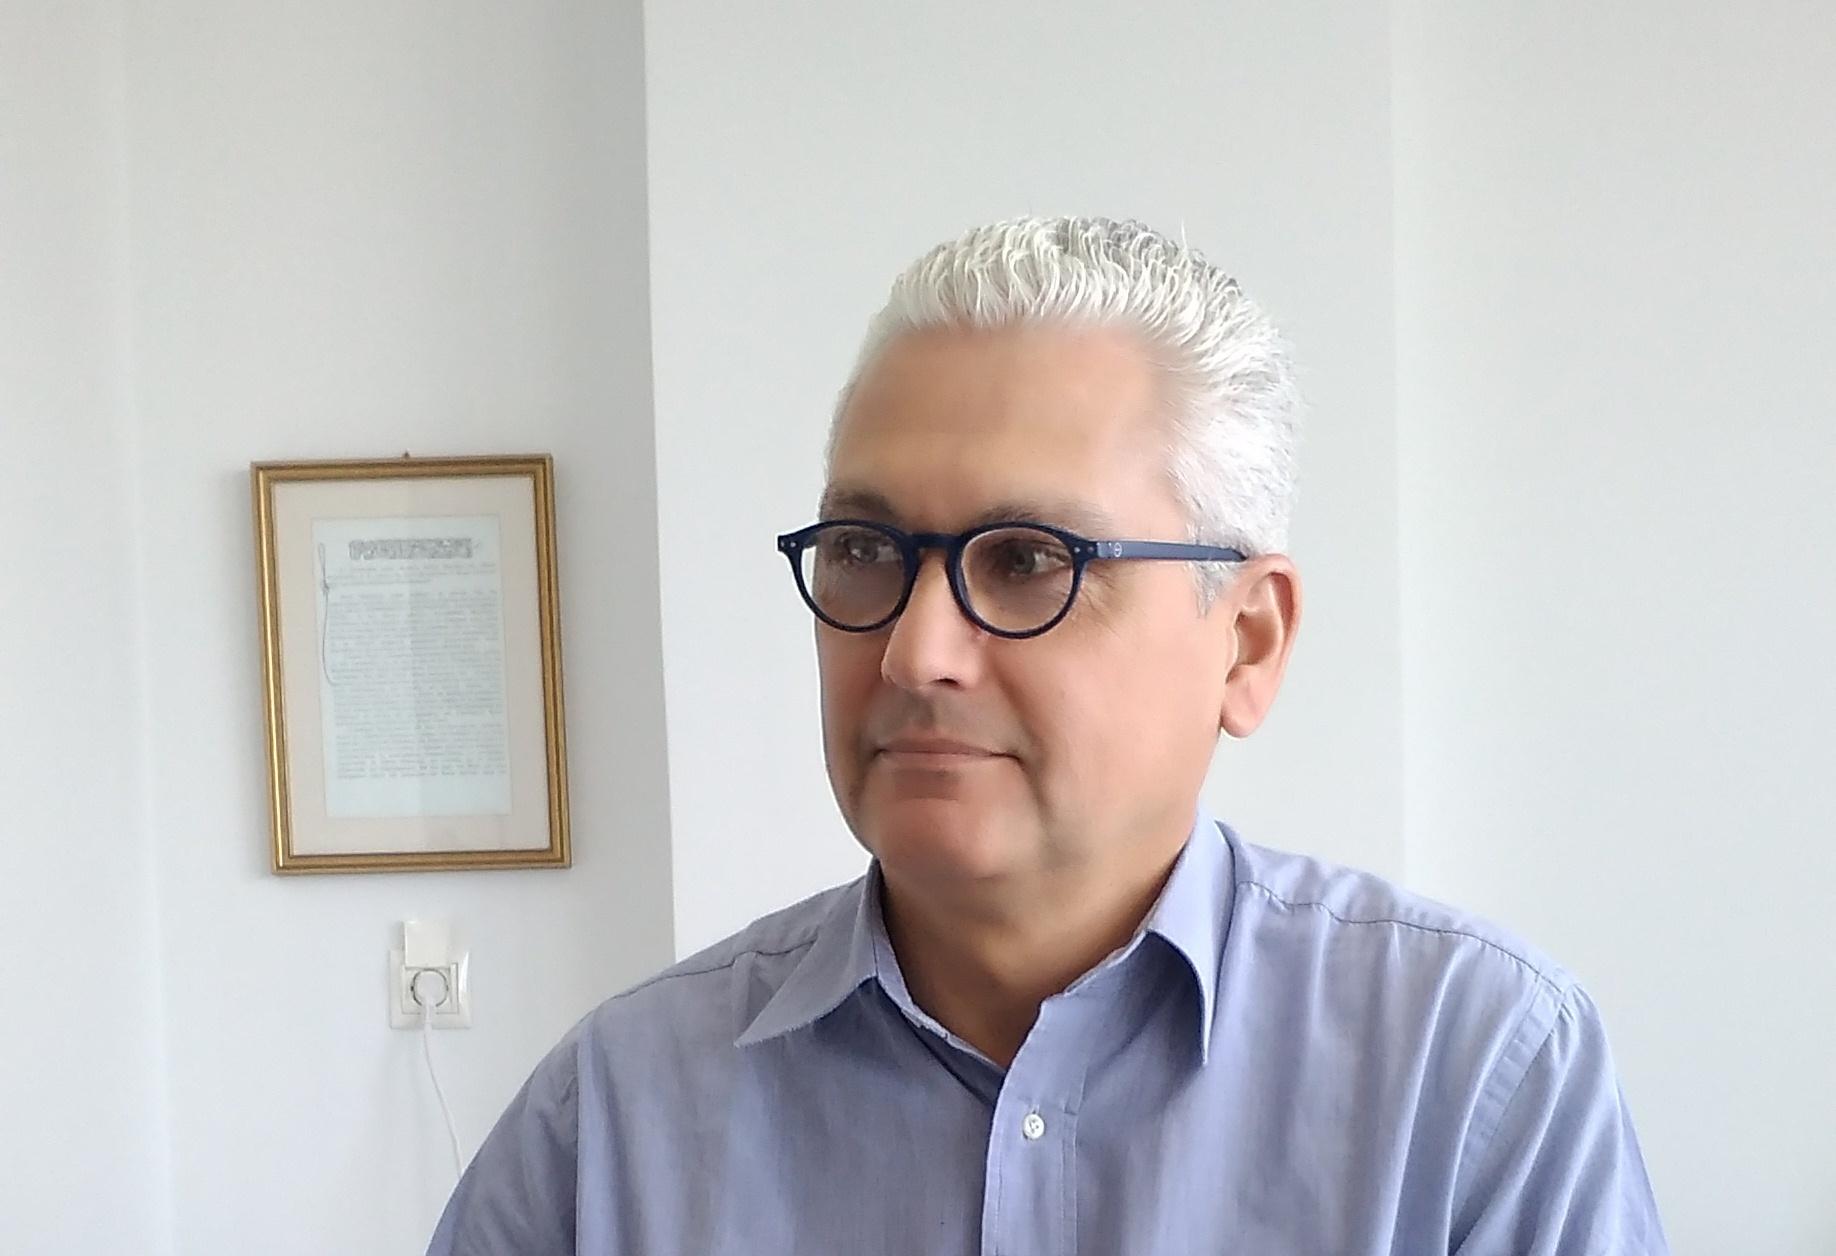 Συγκροτήθηκε το Περιφερειακό Συμβούλιο Έρευνας και Καινοτομίας Δυτικής Ελλάδας